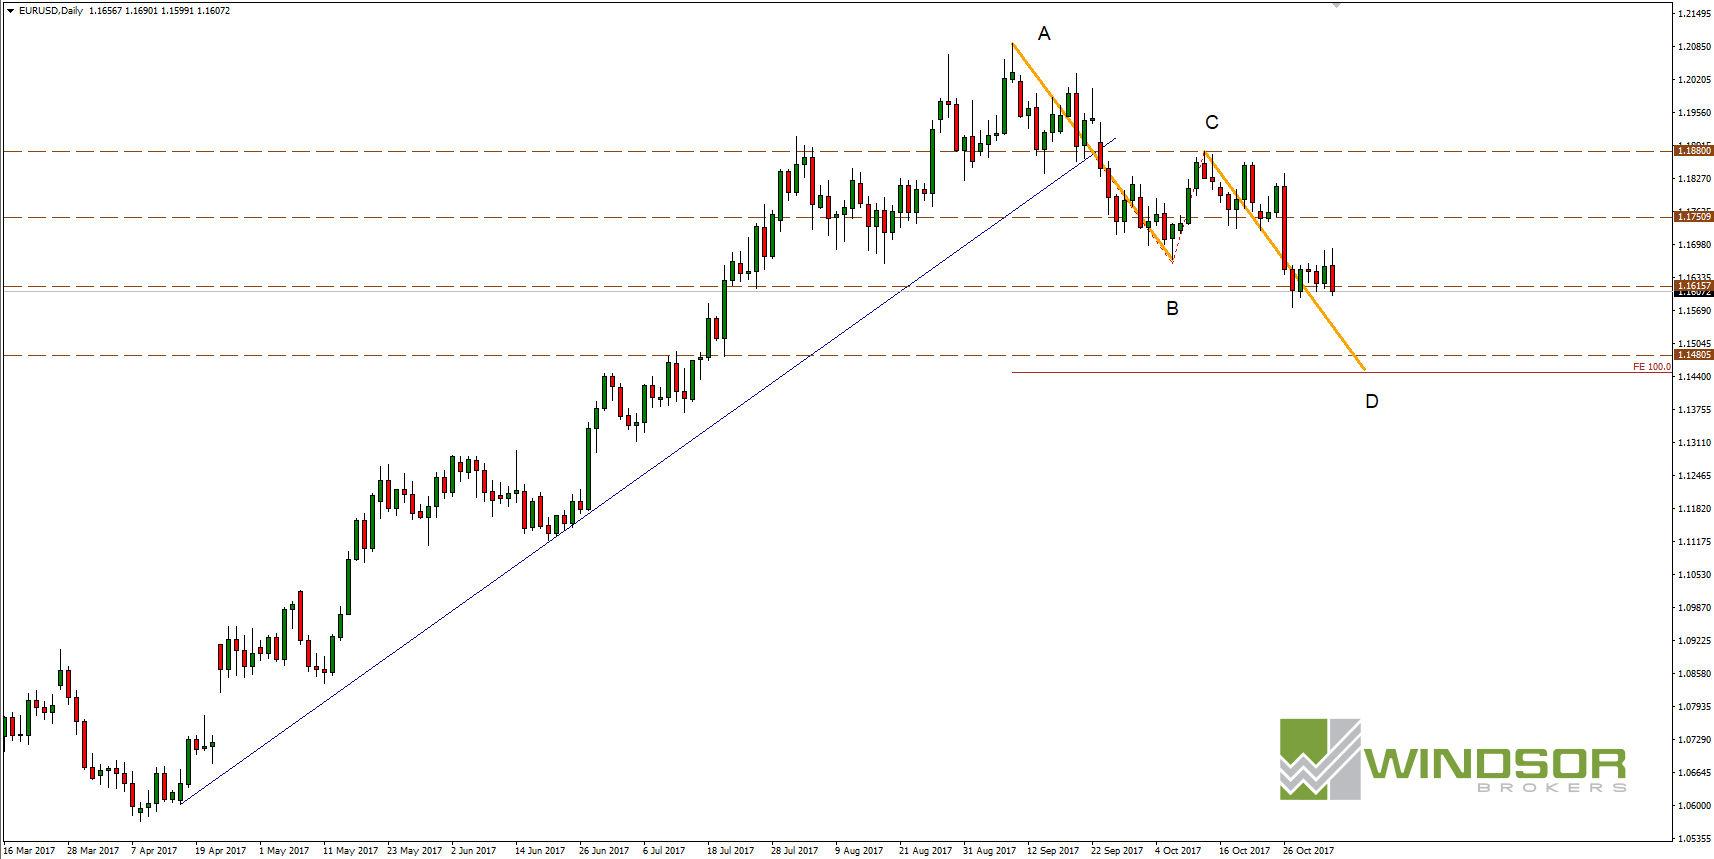 Wykres EURUSD dla D1 trading harmoniczny